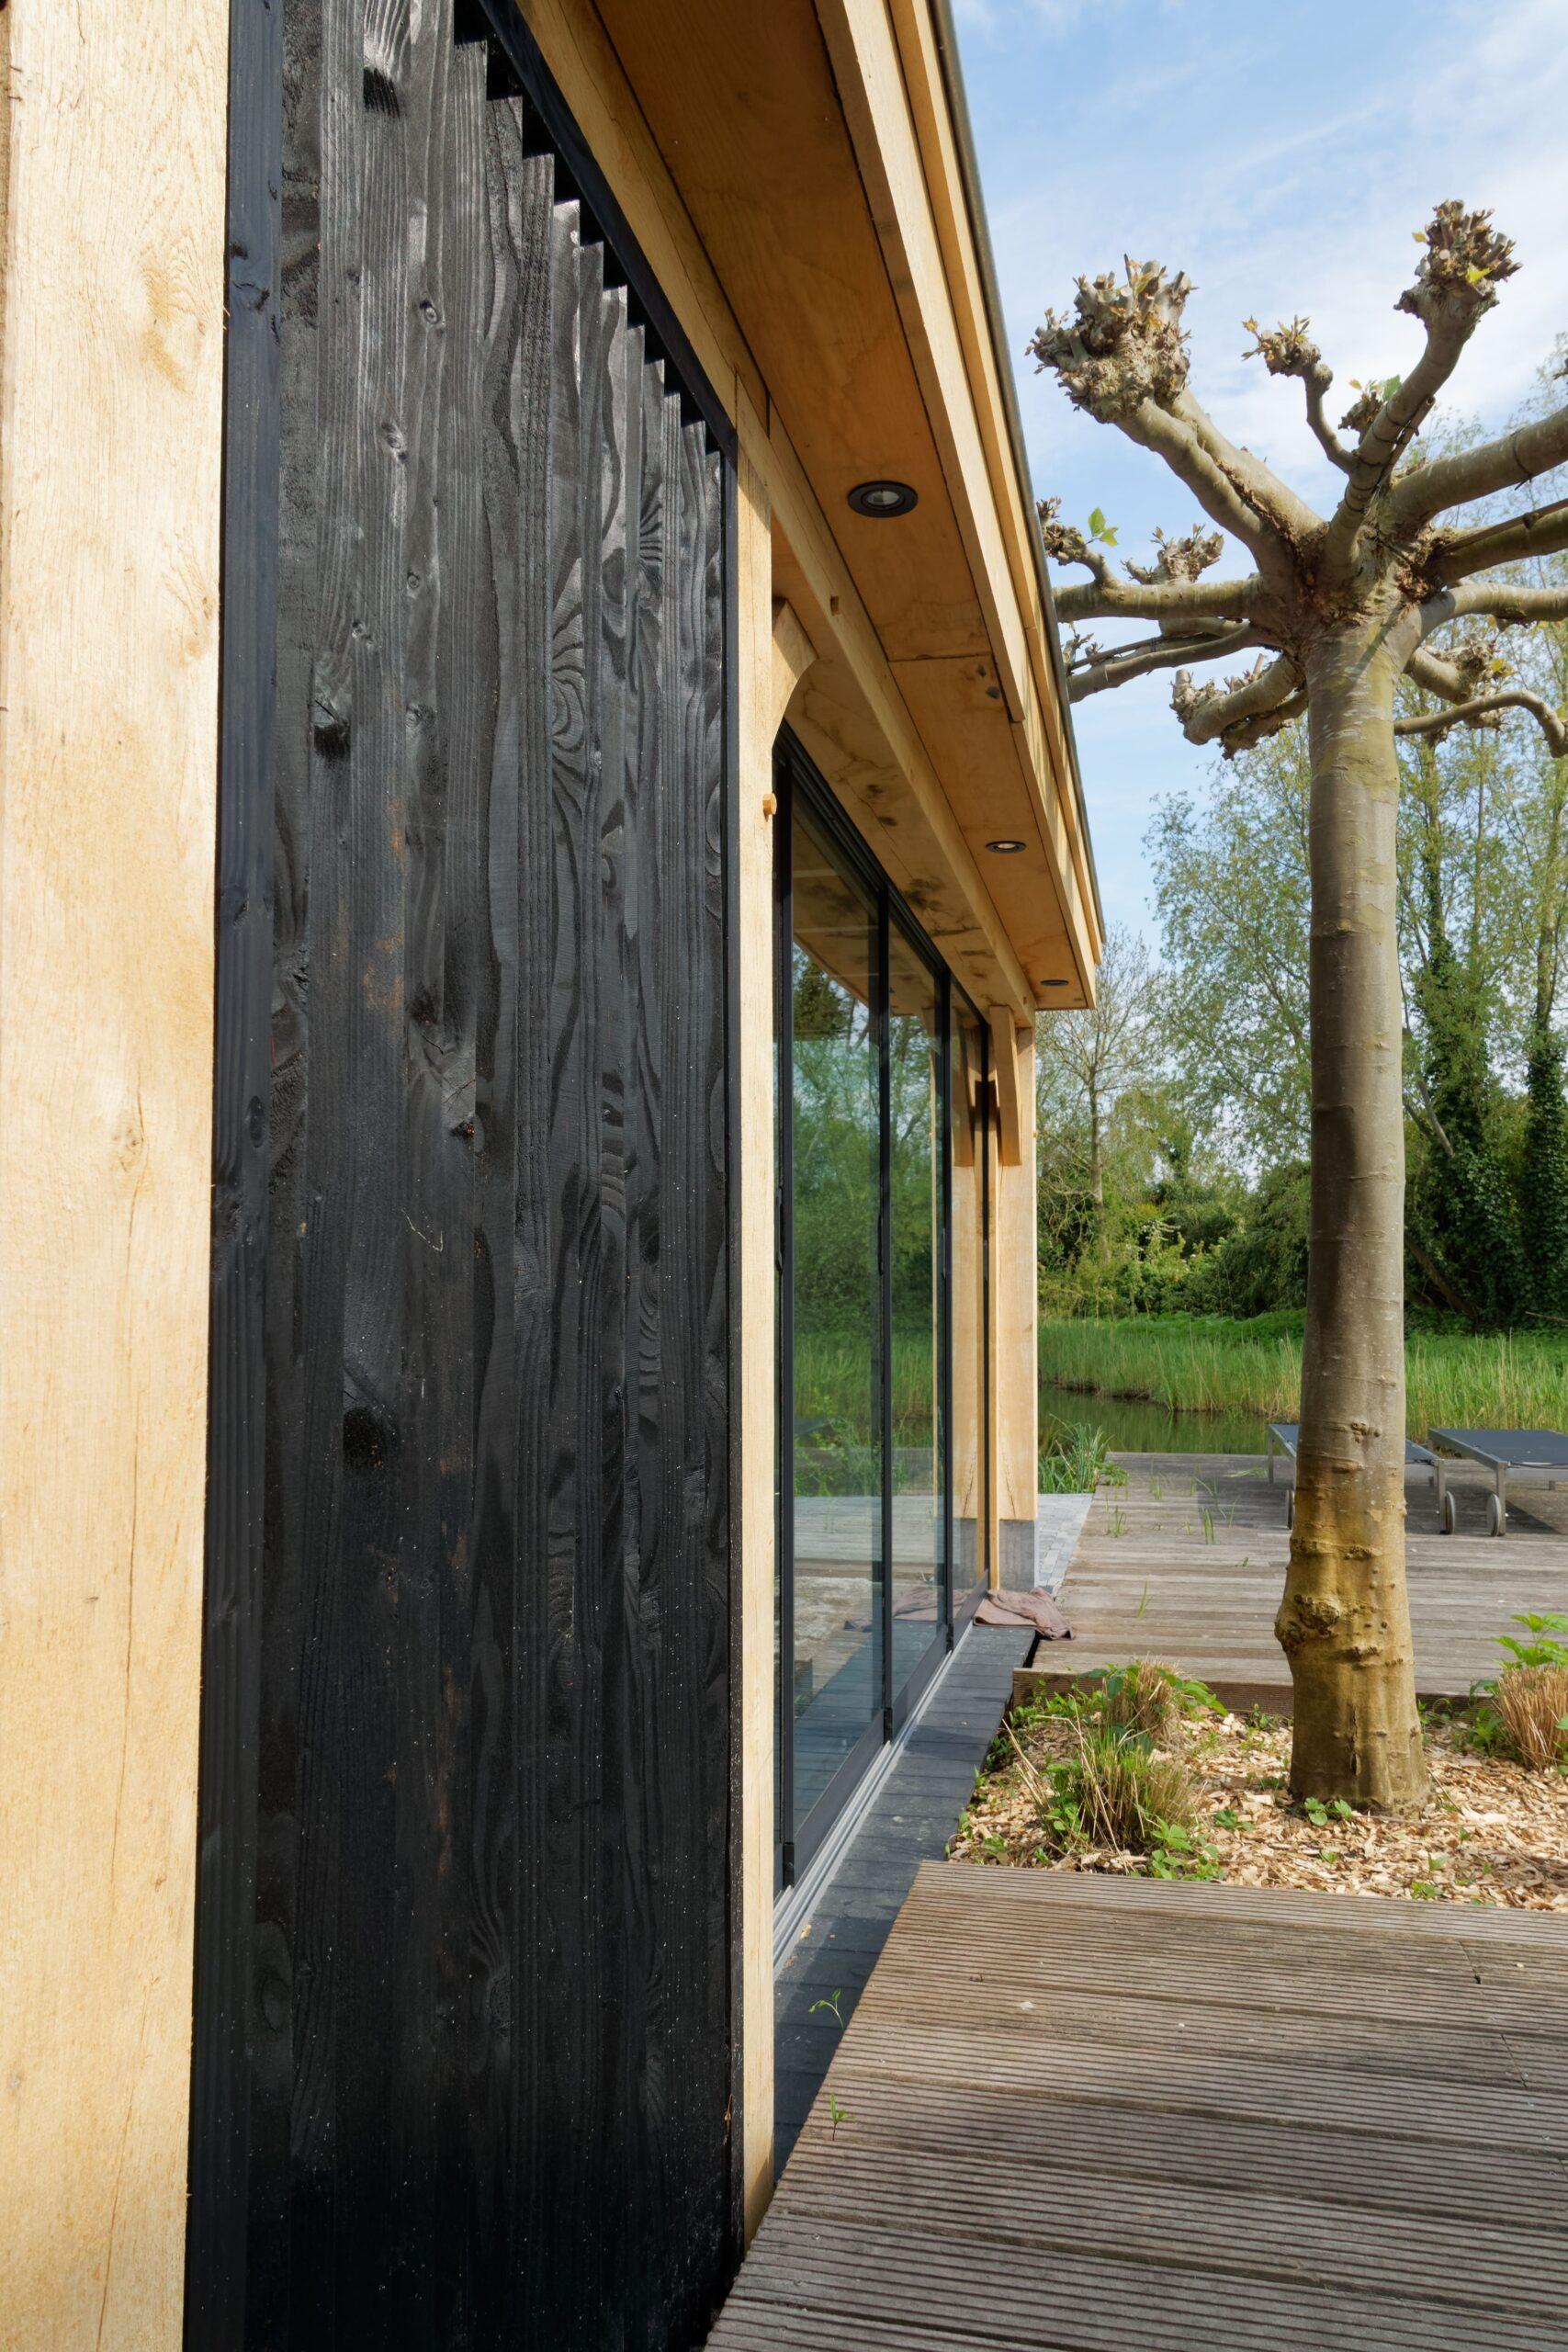 Luxe-tuinkamer-aan-het-water-8-scaled - Project Kortenhoef: Luxe tuinkamer aan het water